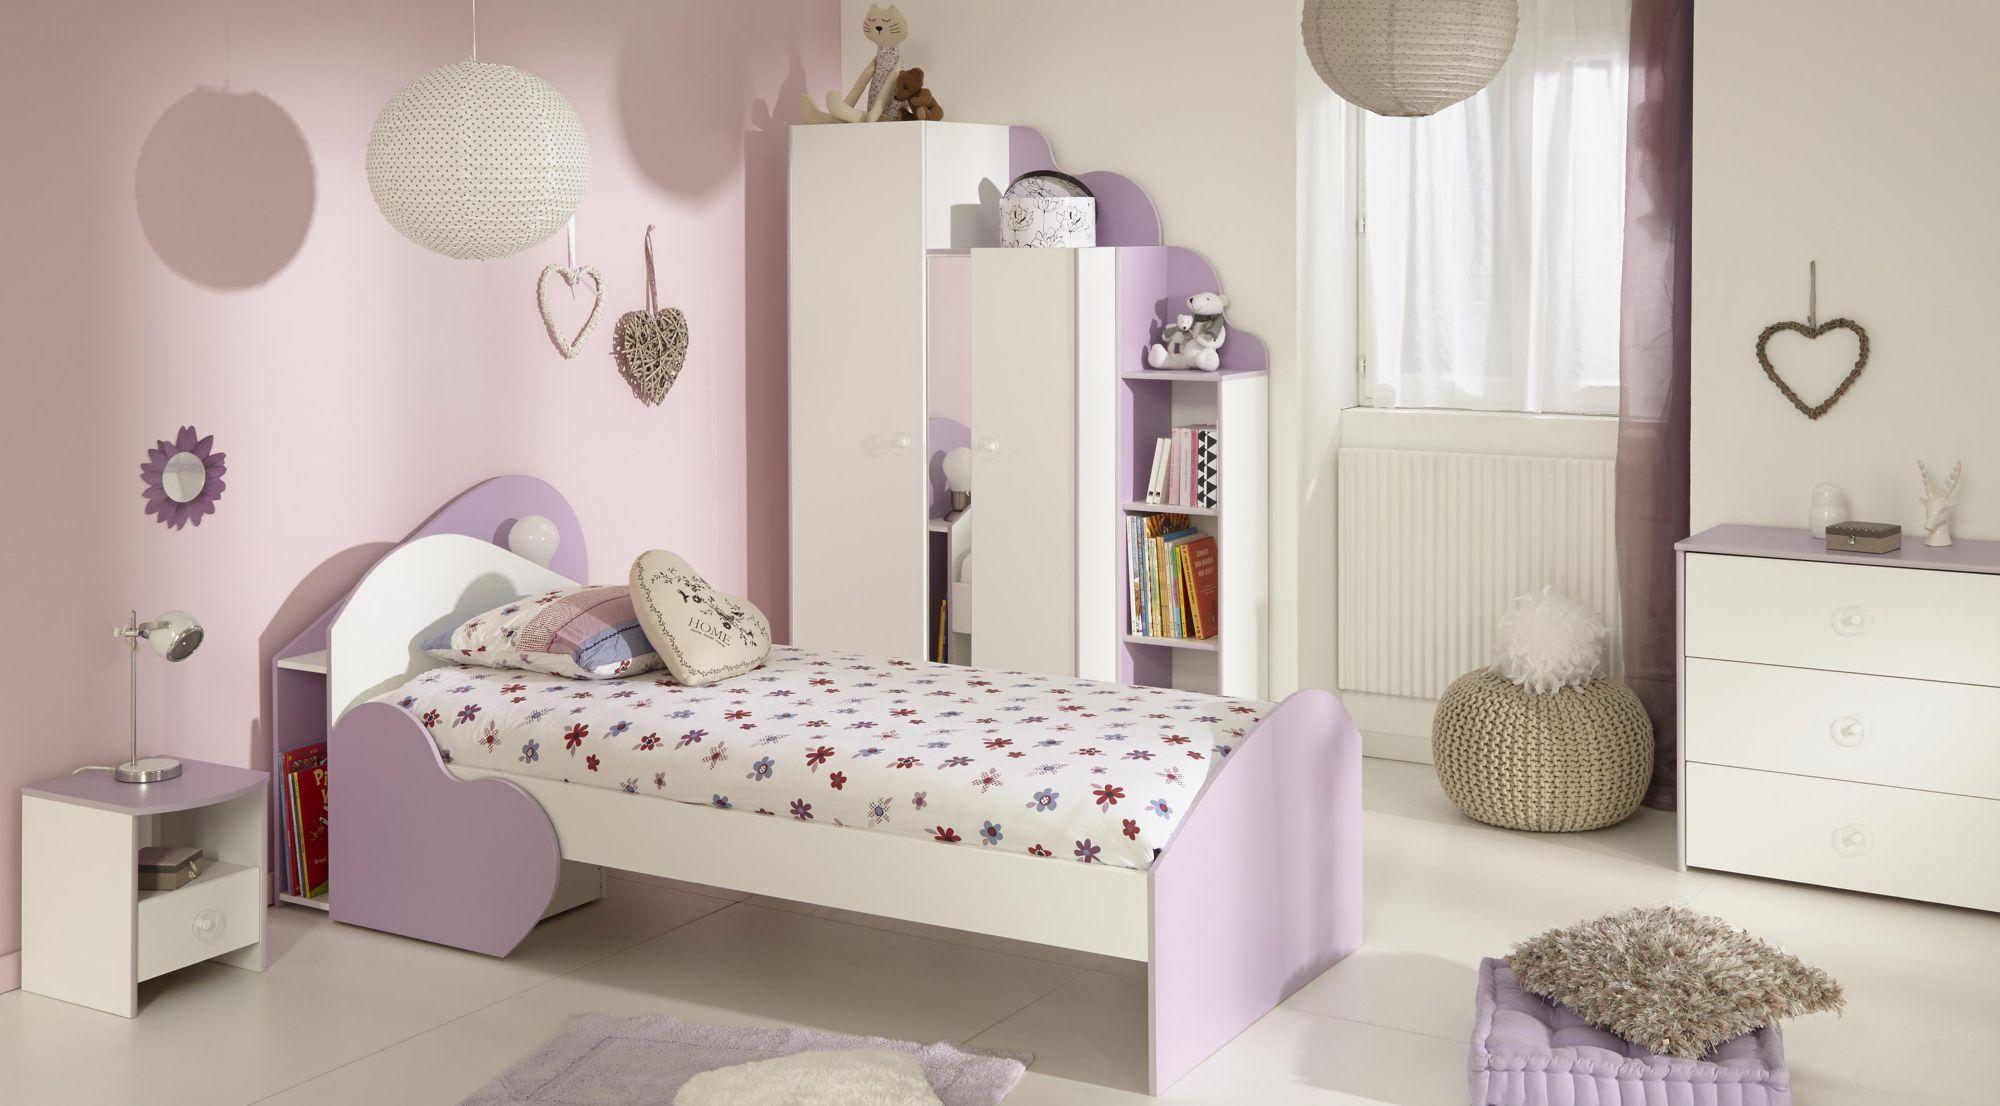 Jugendzimmer g nstig online kaufen beim schwab versand for Accessoire chambre fille